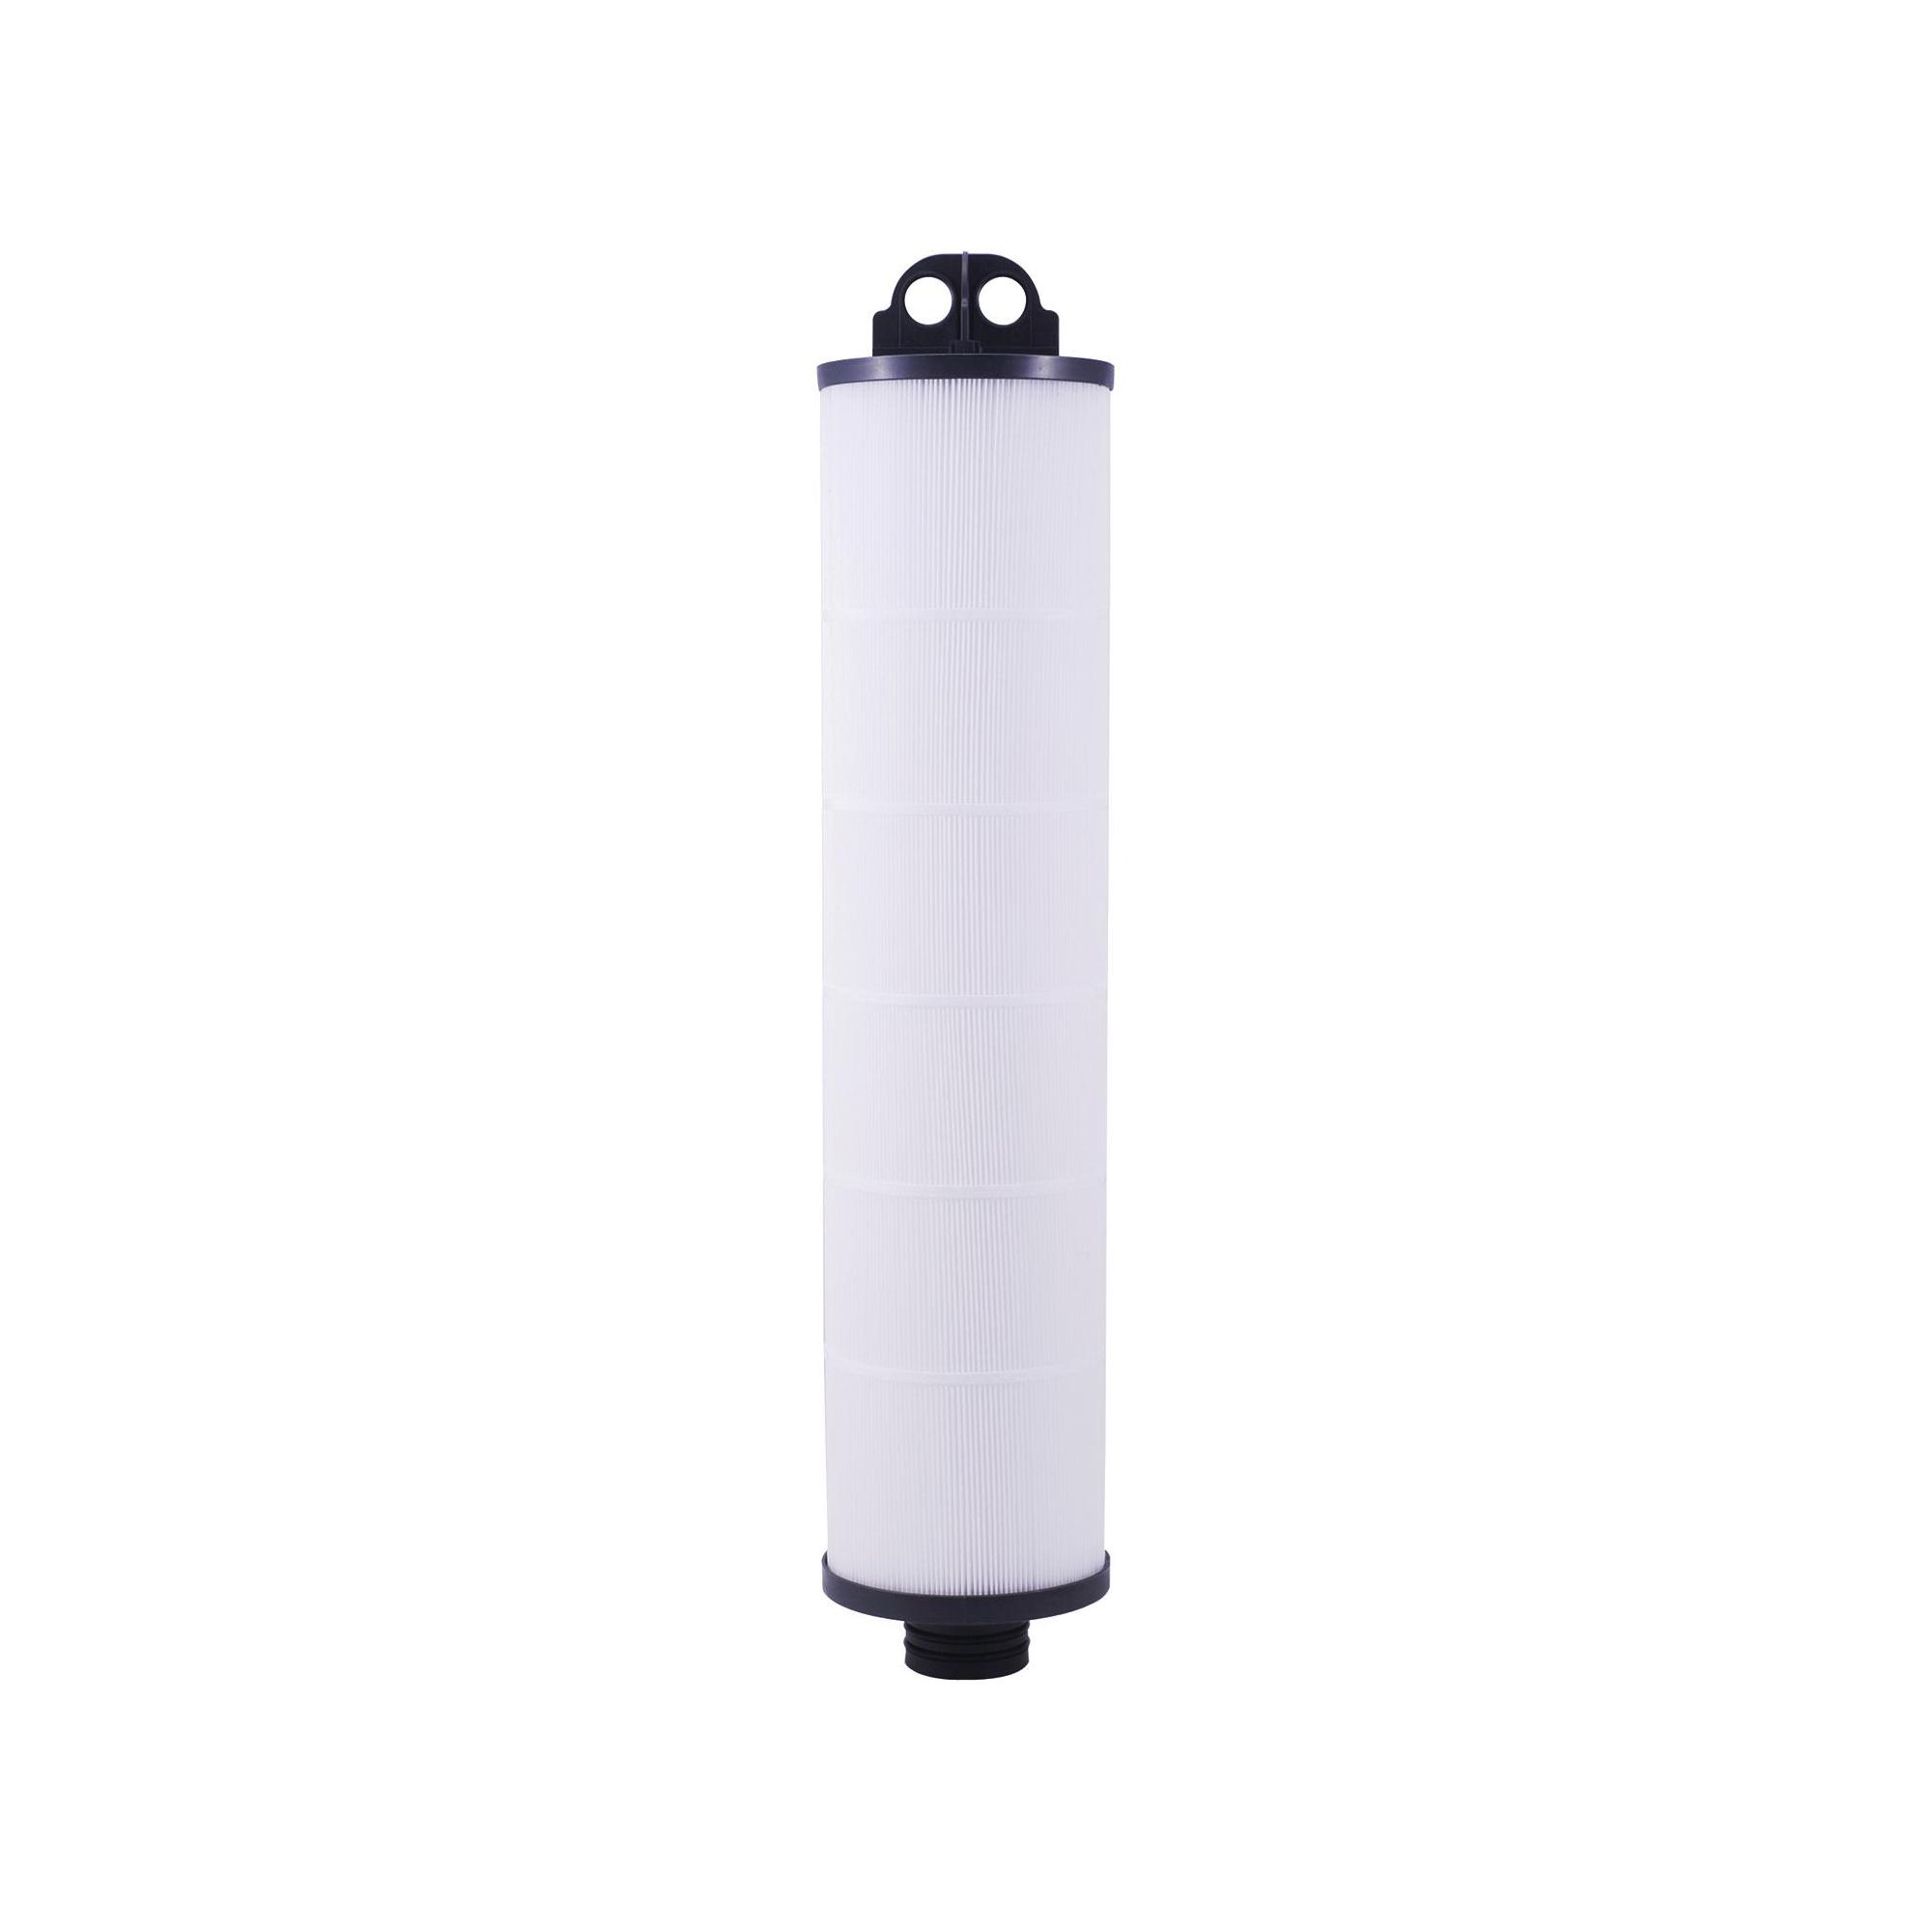 WATTS® PWWJC Big Bubba Jumbo Pleated Filter Cartridge, 15.4 in W x 42.7 in H, Polypropylene